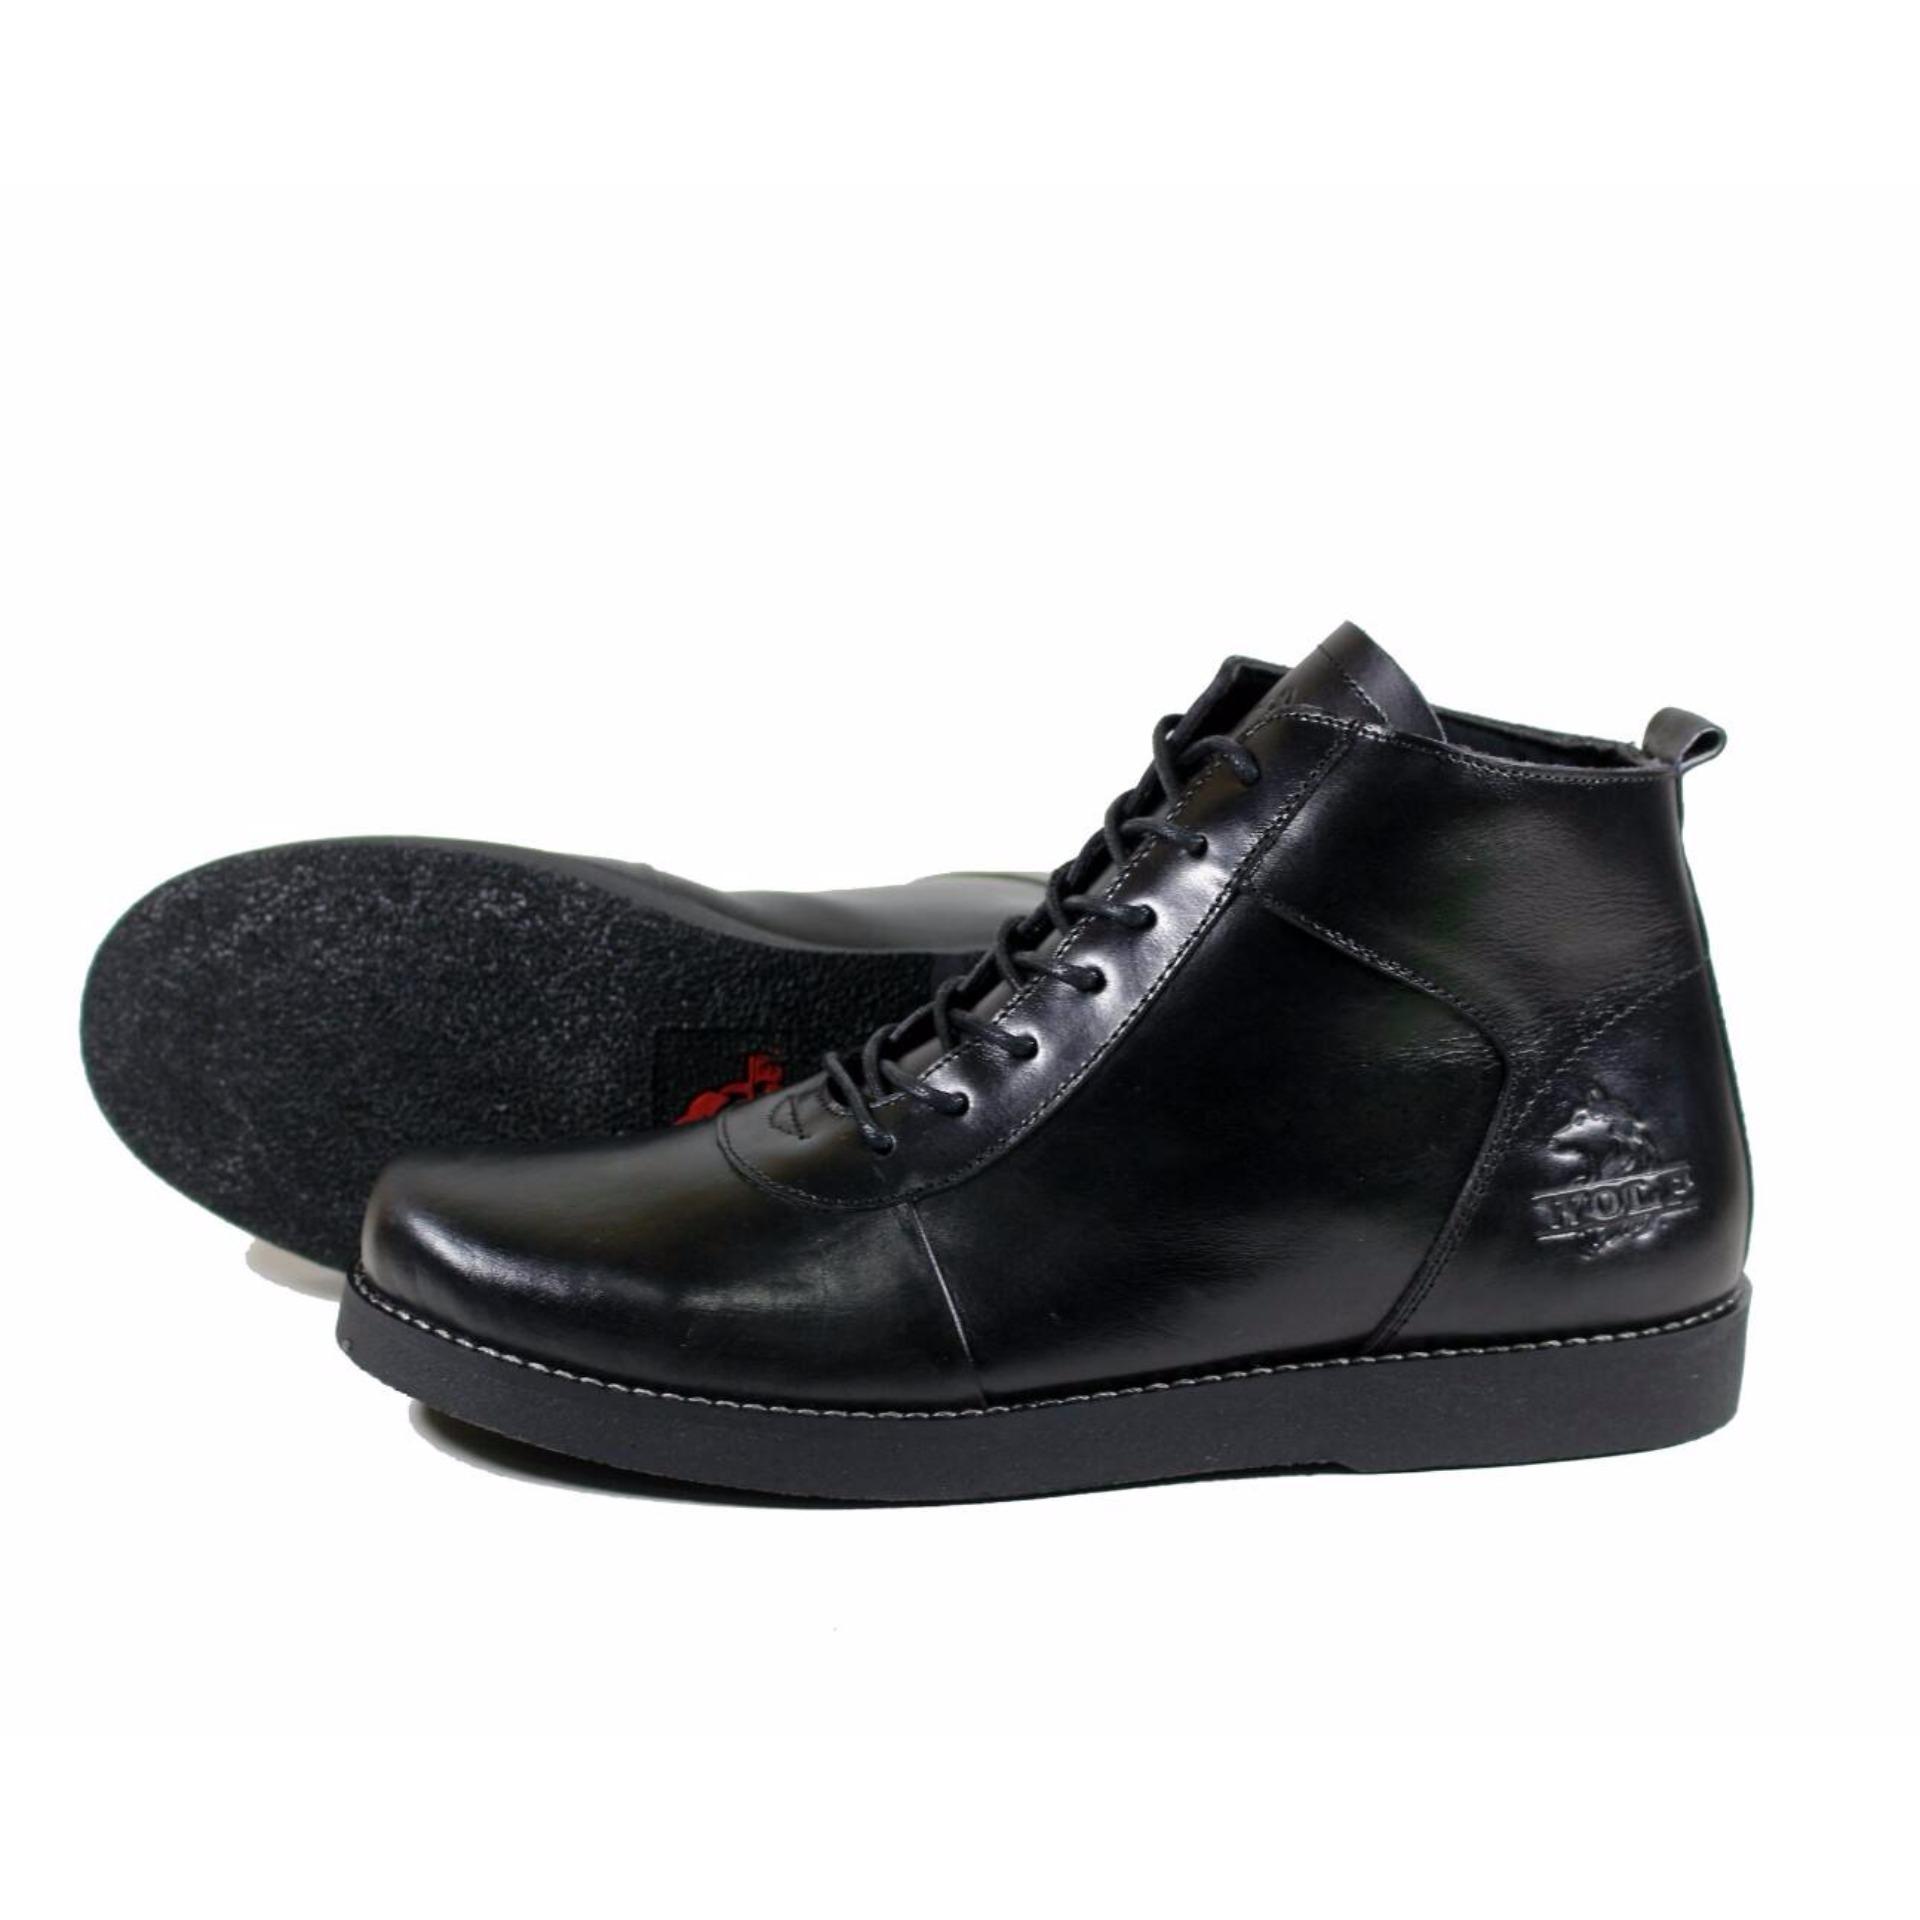 Toko Sepatu Brodo Wolf Golden Hitam Kulit Terlengkap